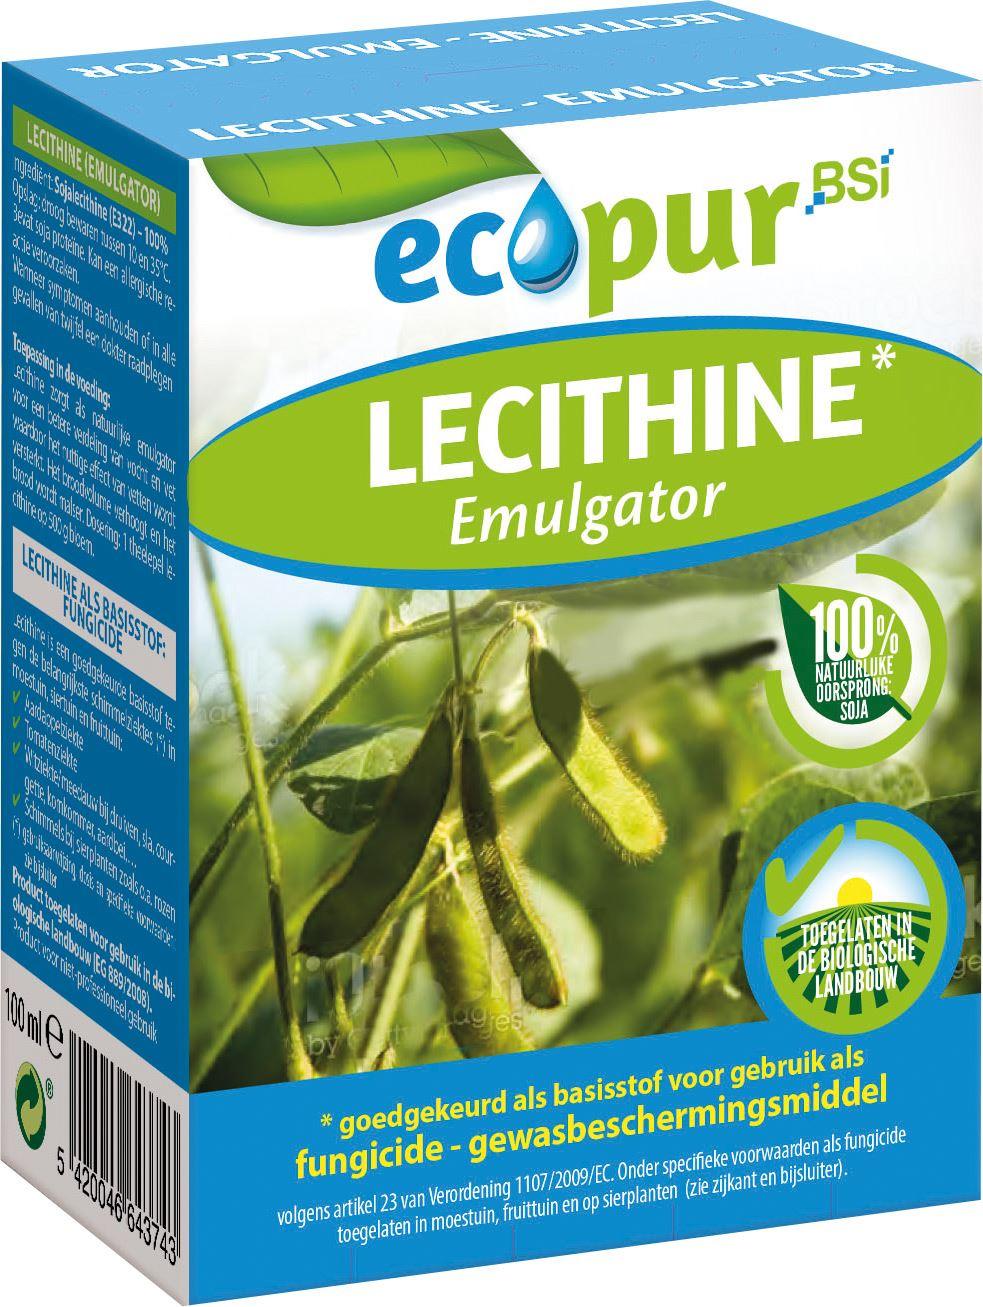 Ecopur Lecithine 100ml - tegen bladziekten zoals aardappelziekte, tomatenziekte, witziekte, krulziete op perik en valse meeldauw